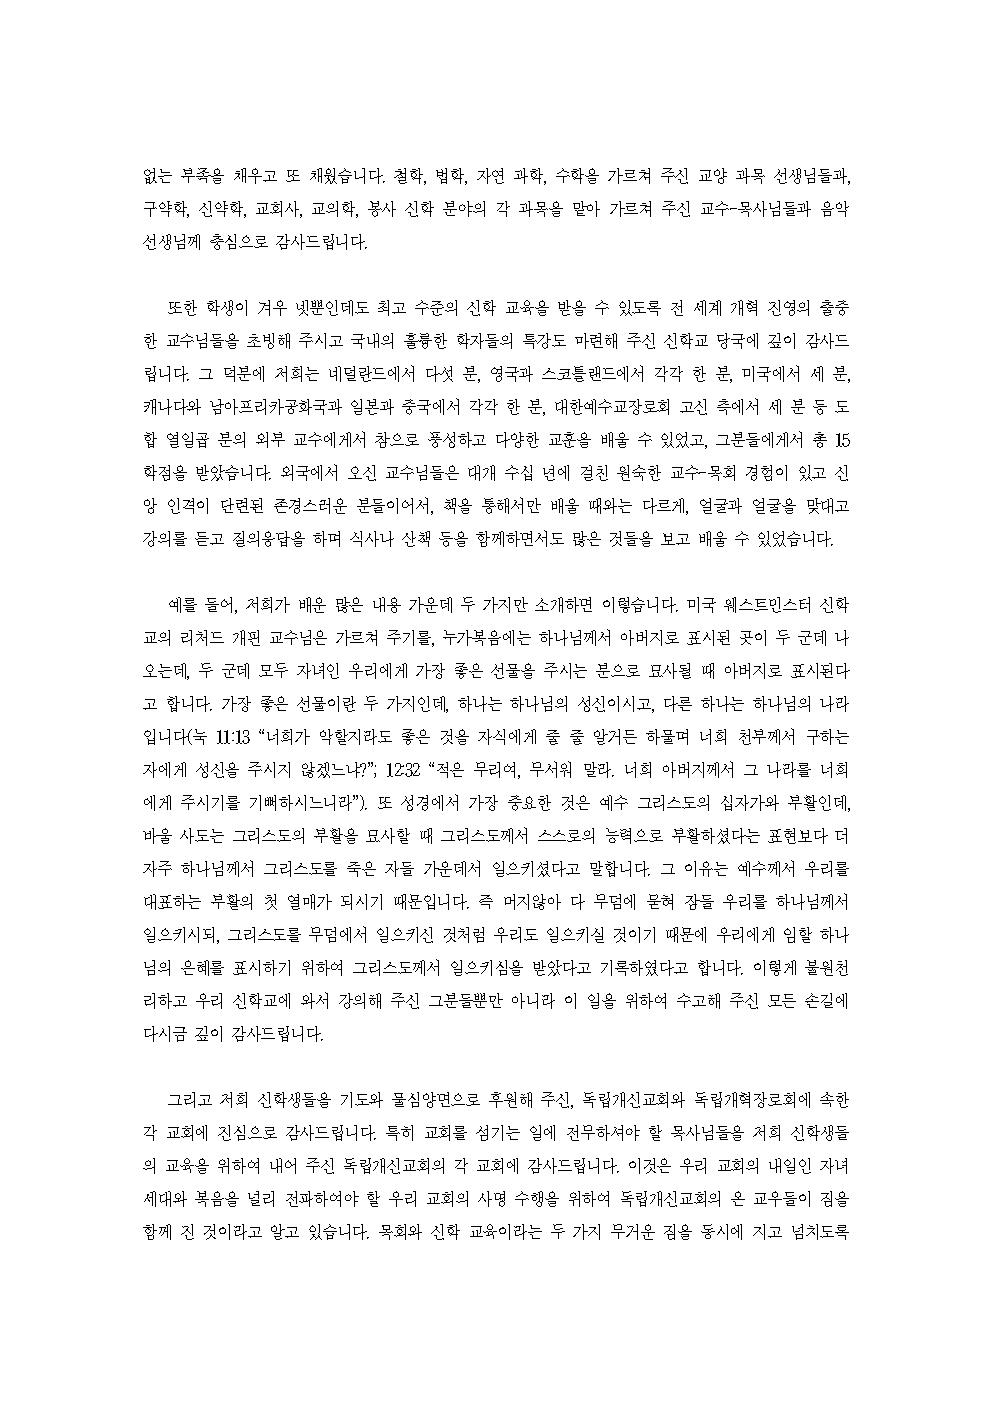 1회졸업식-축사와답사-홈피용004.png